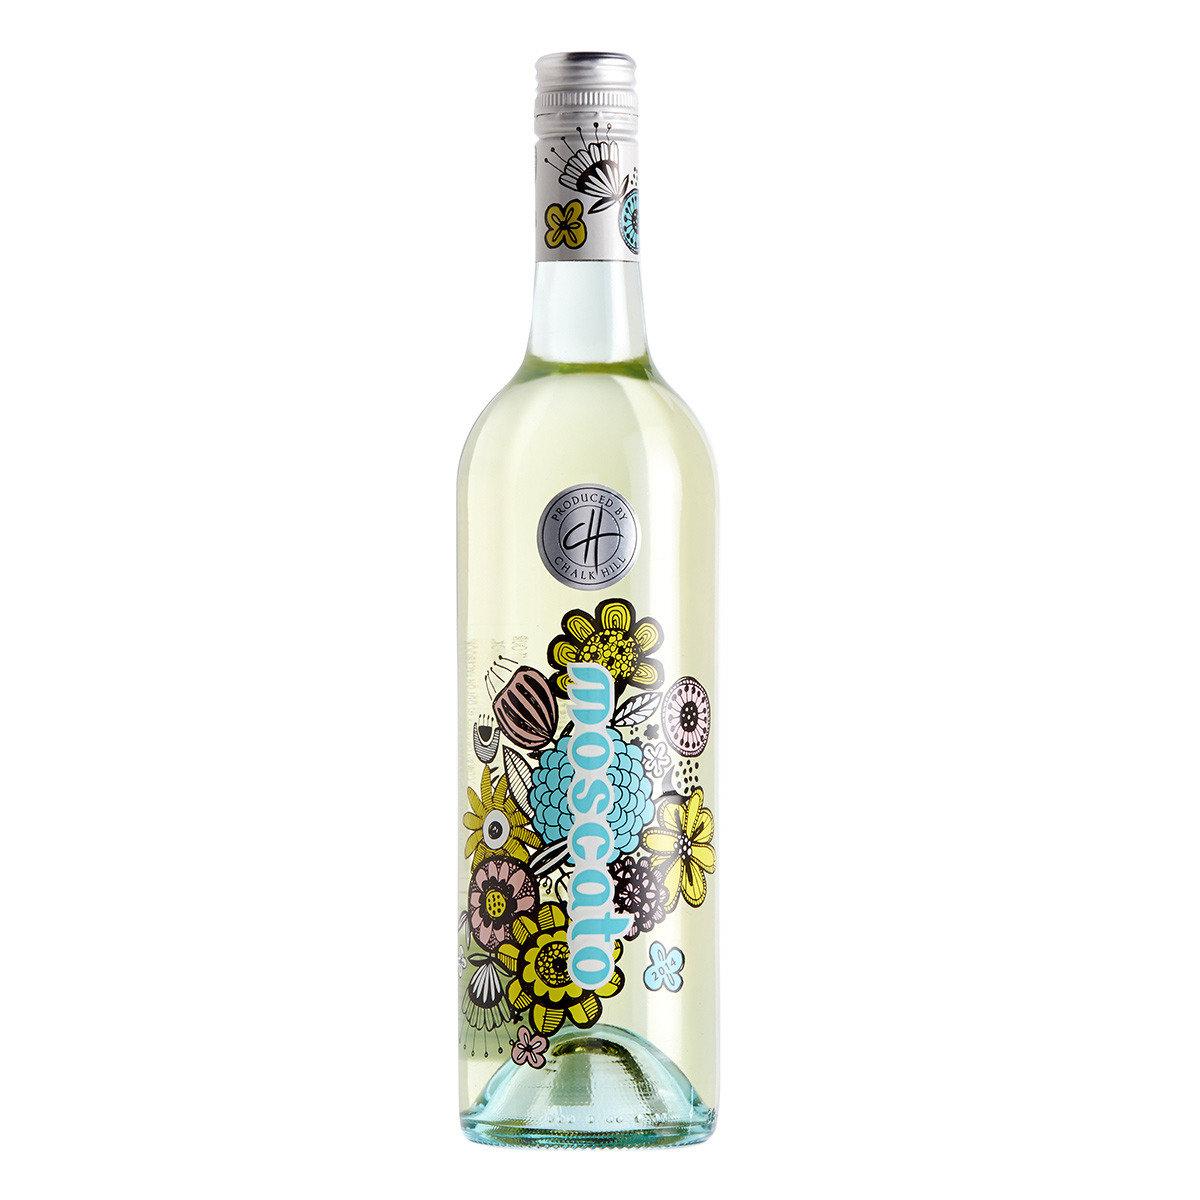 2014 莫斯卡托白酒